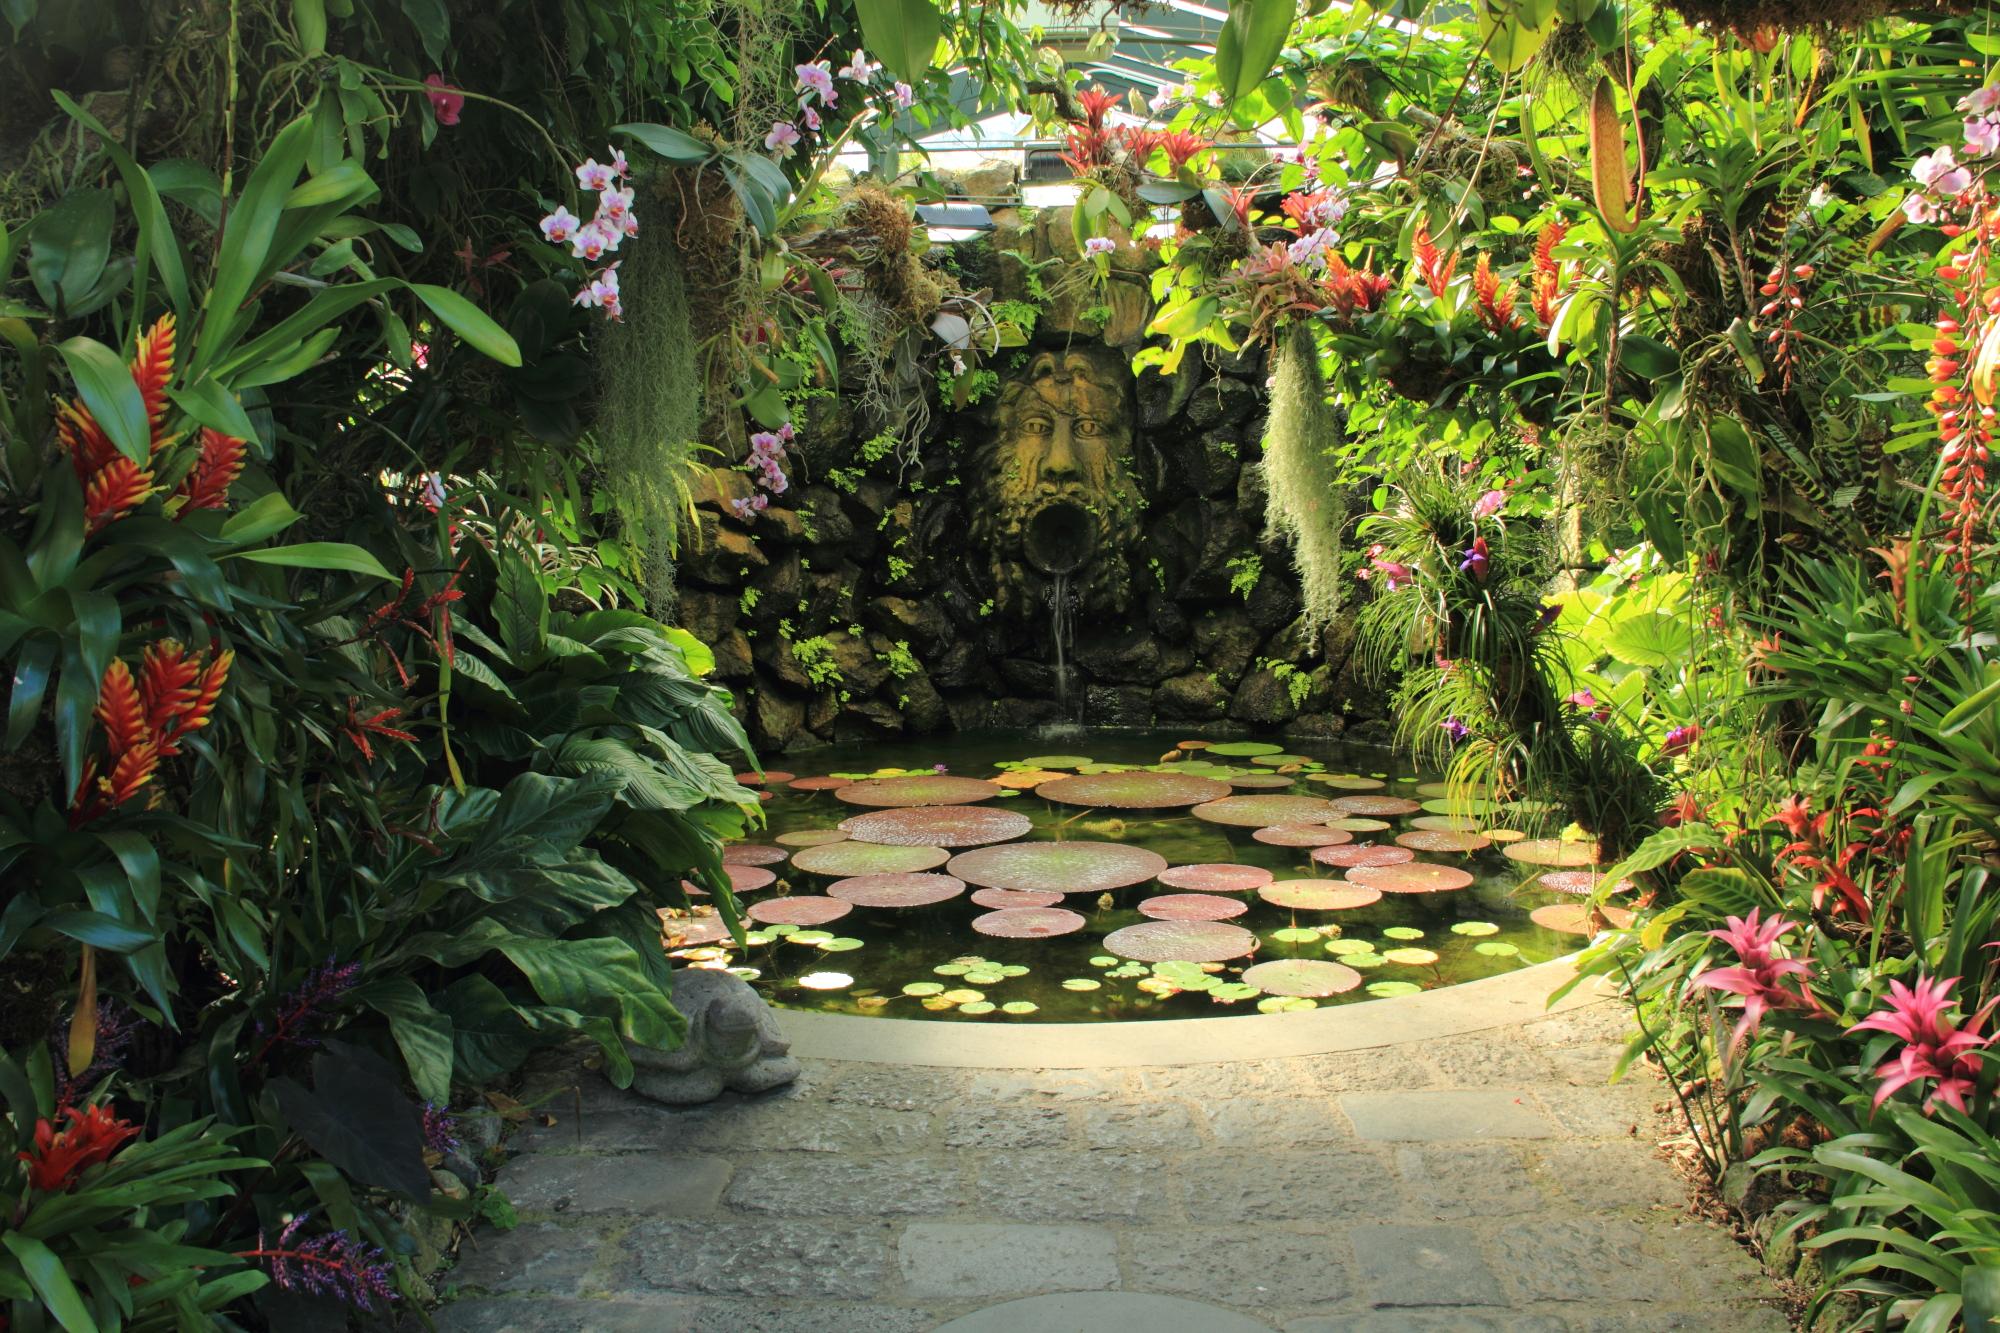 Giardini la mortella il paradiso segreto dell isola di ischia trippando - Giardino la mortella ...